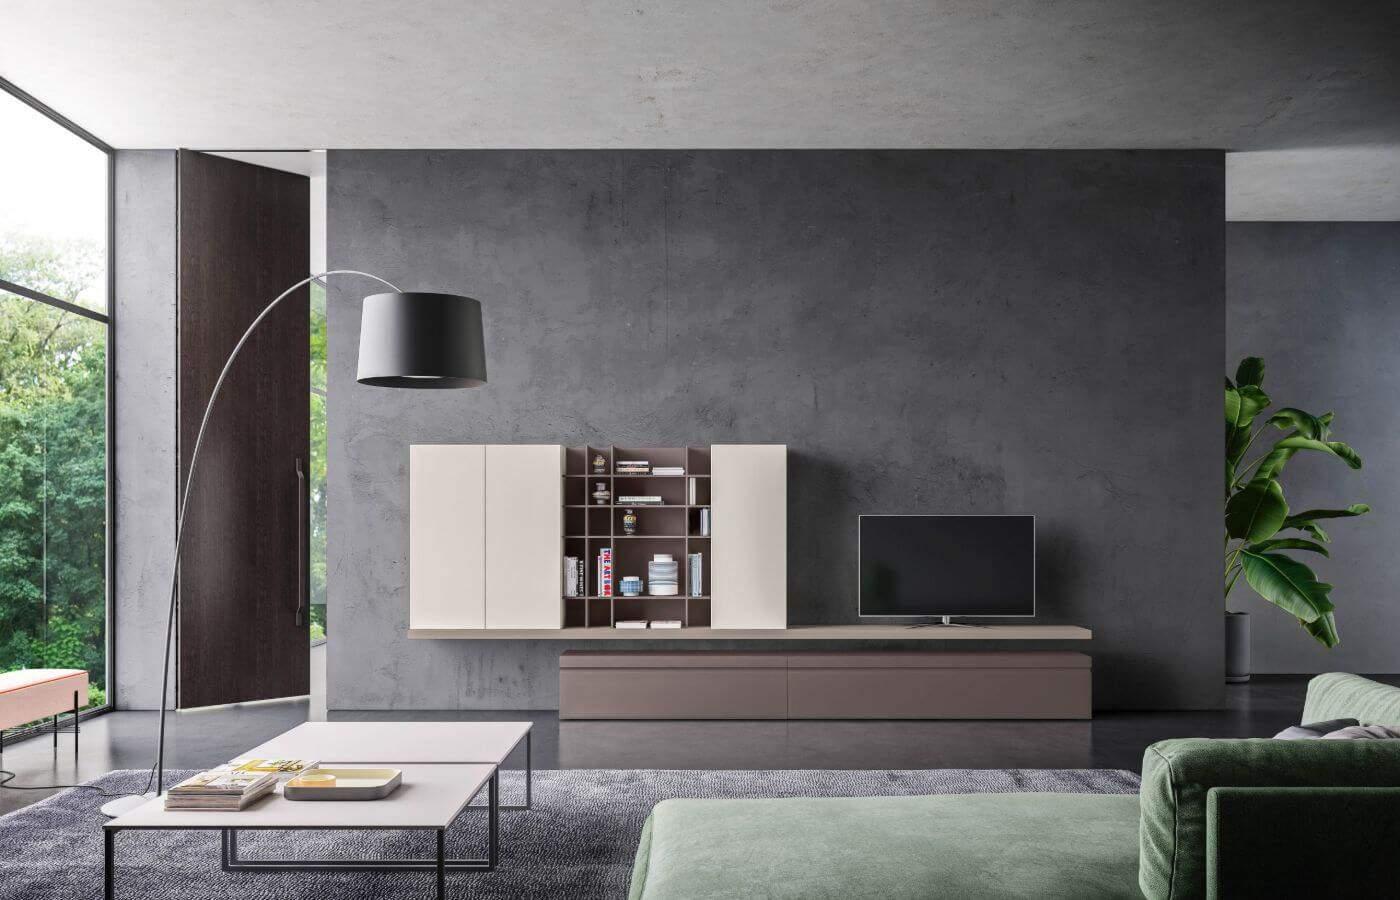 zona-giorno-parete-attrezzata-collezione-ibiza-il-mobile (3)